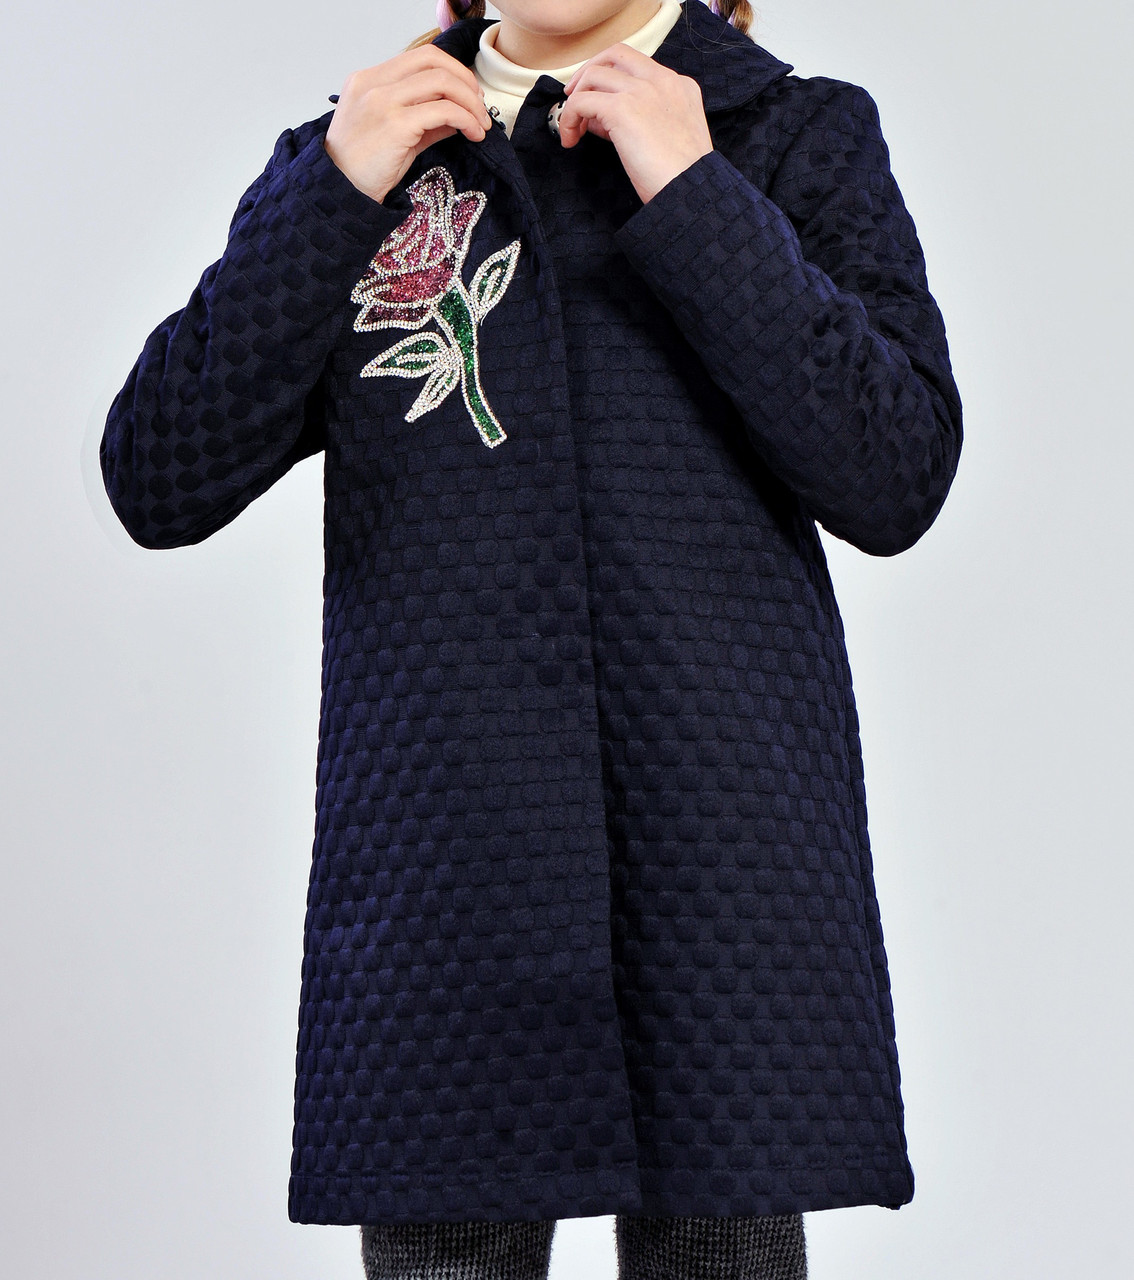 Пальто демисезонное для девочек 122-140 роста Роза